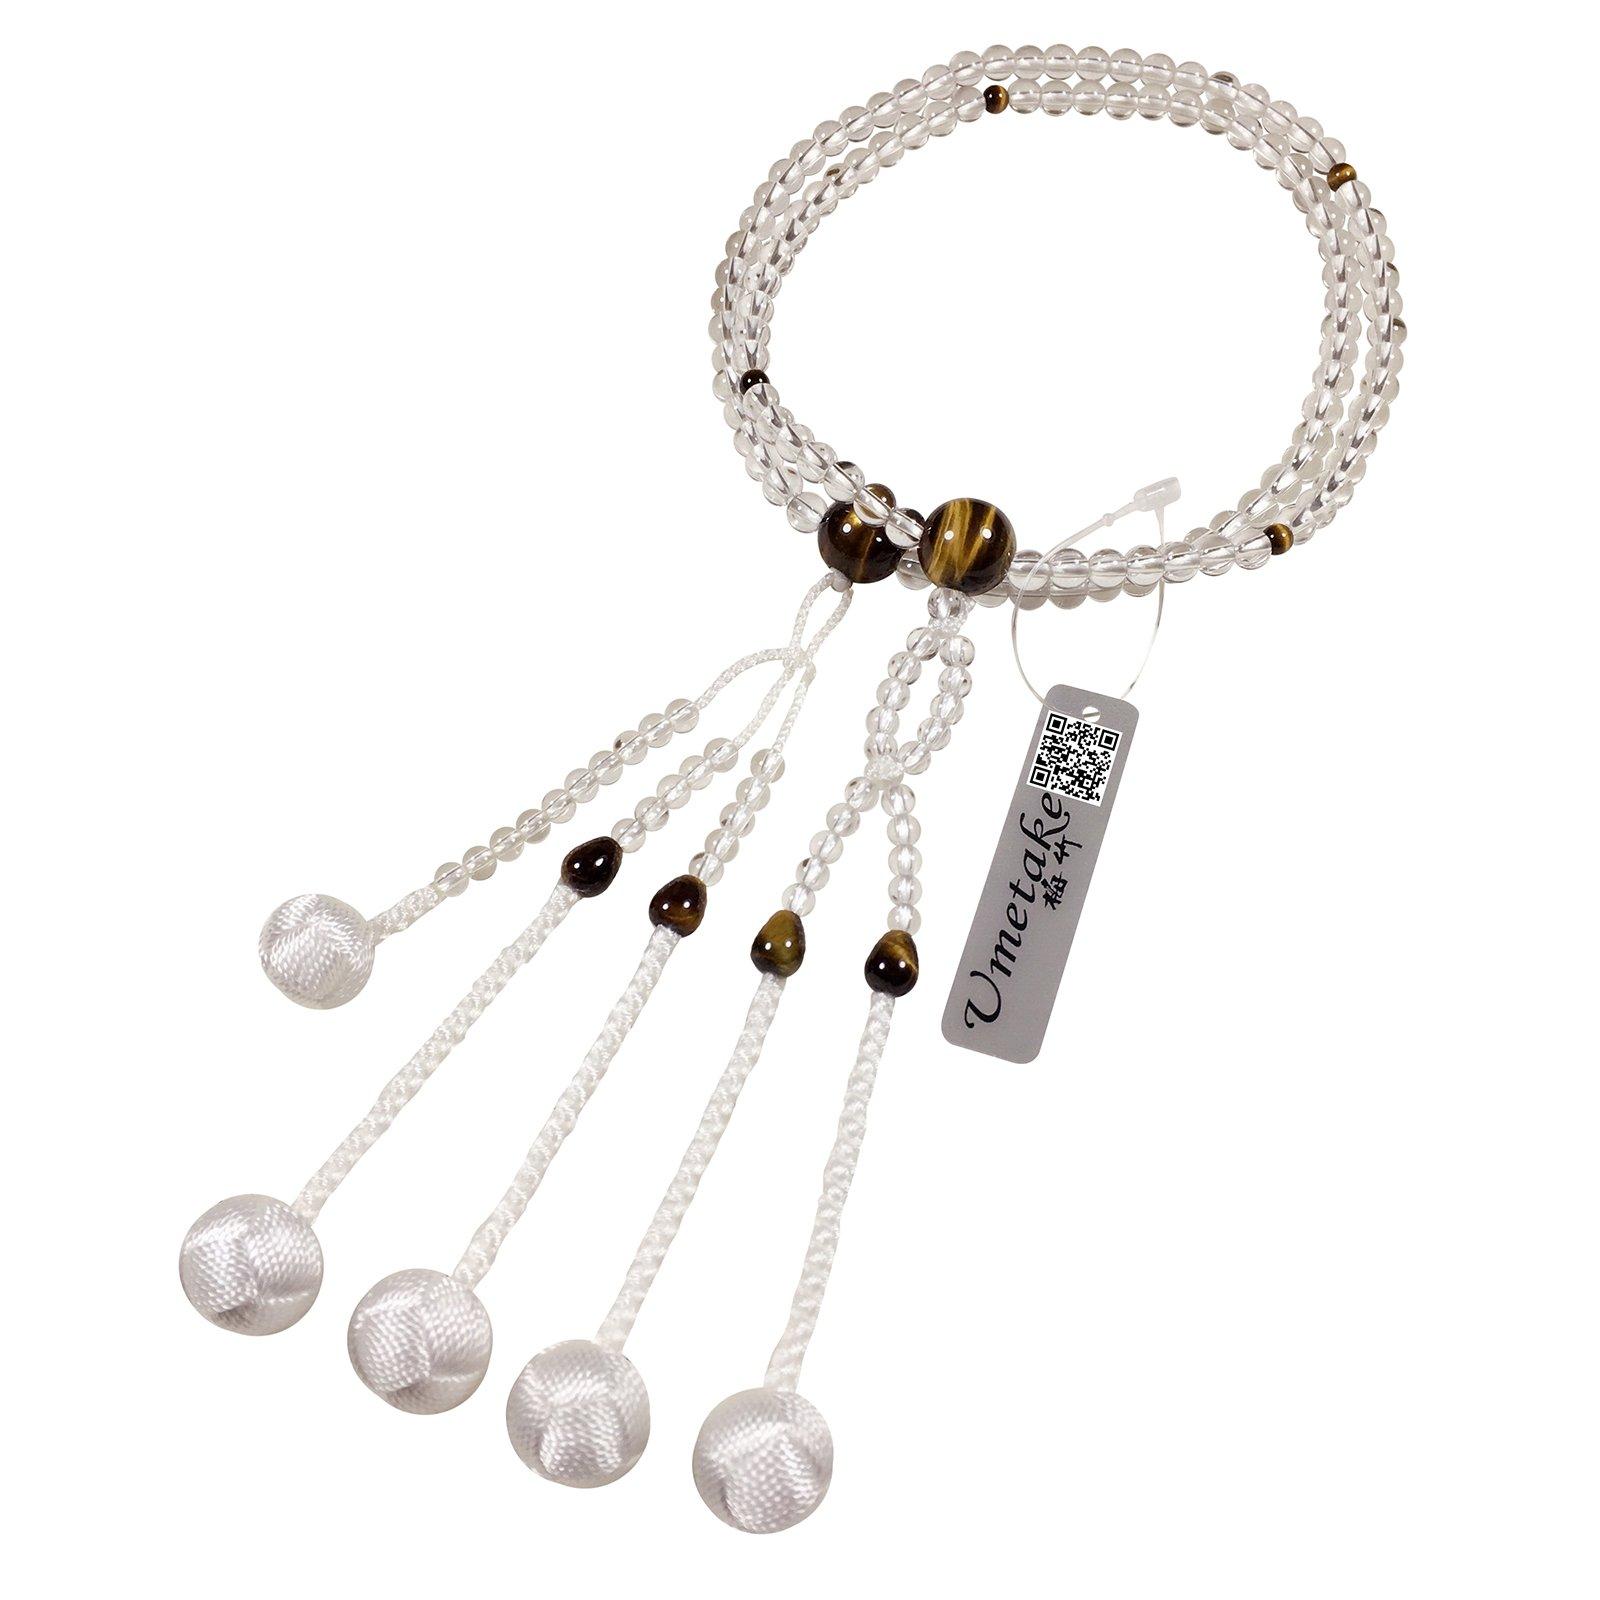 Umetake perle di preghiera buddista per le donne Nichiren juzu occhi bianchi della tigre di cristall